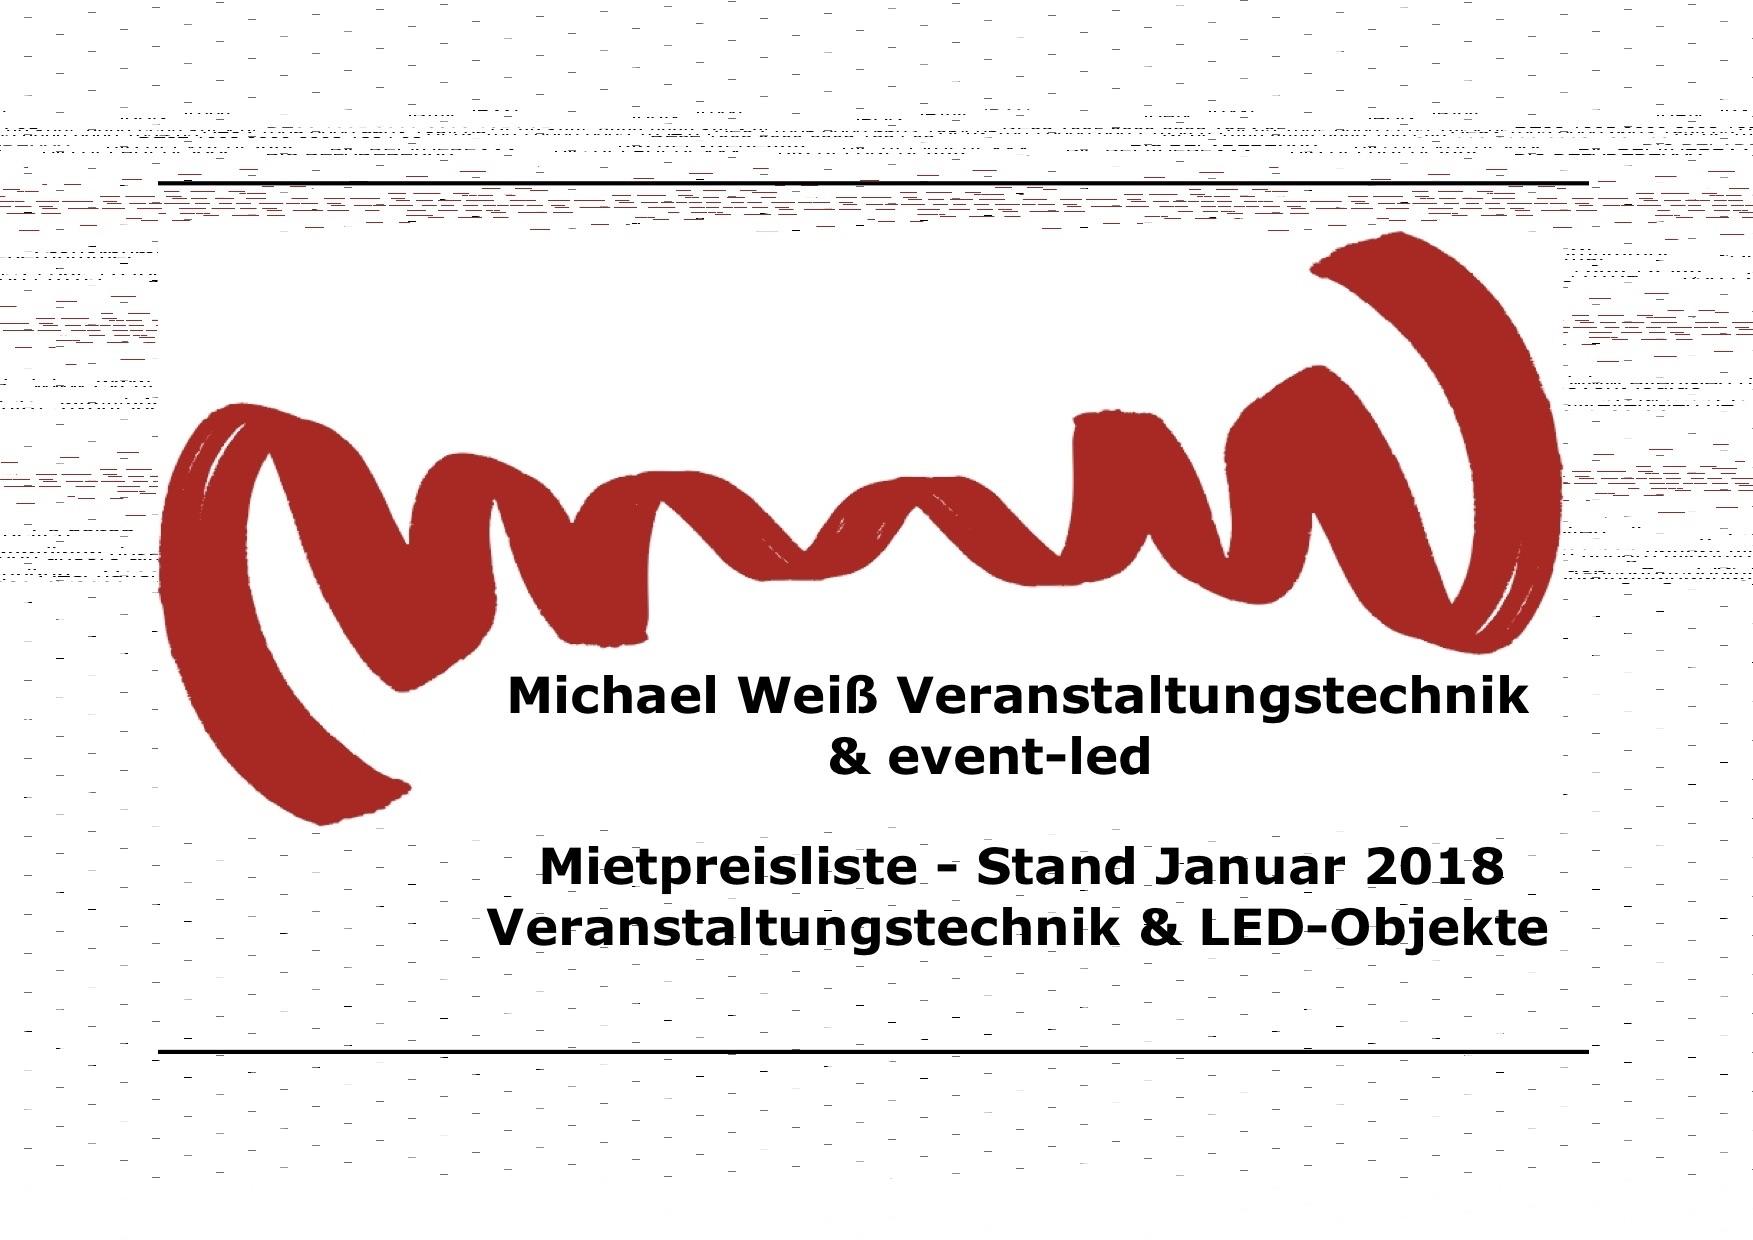 Logo der Michael Weiß Veranstaltungstechnik & event-led